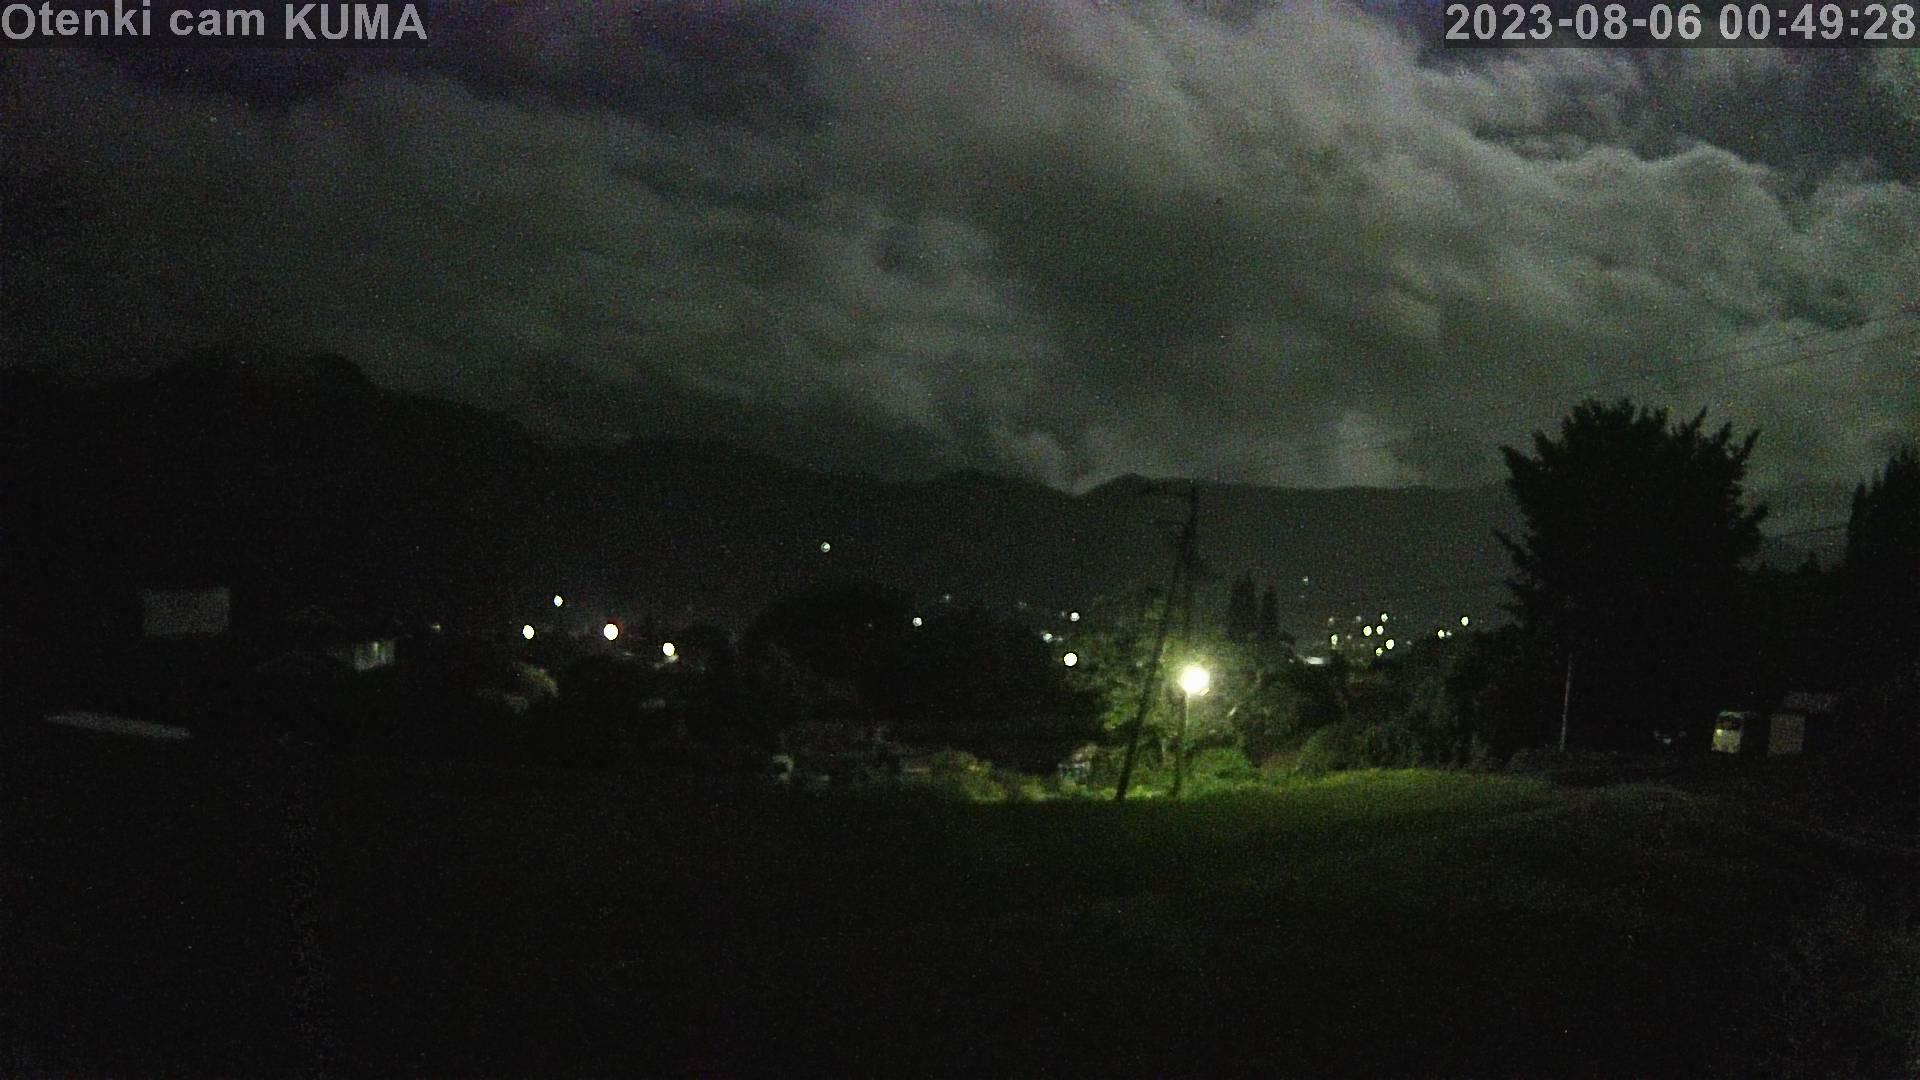 33カメラ 0時台の最終画像